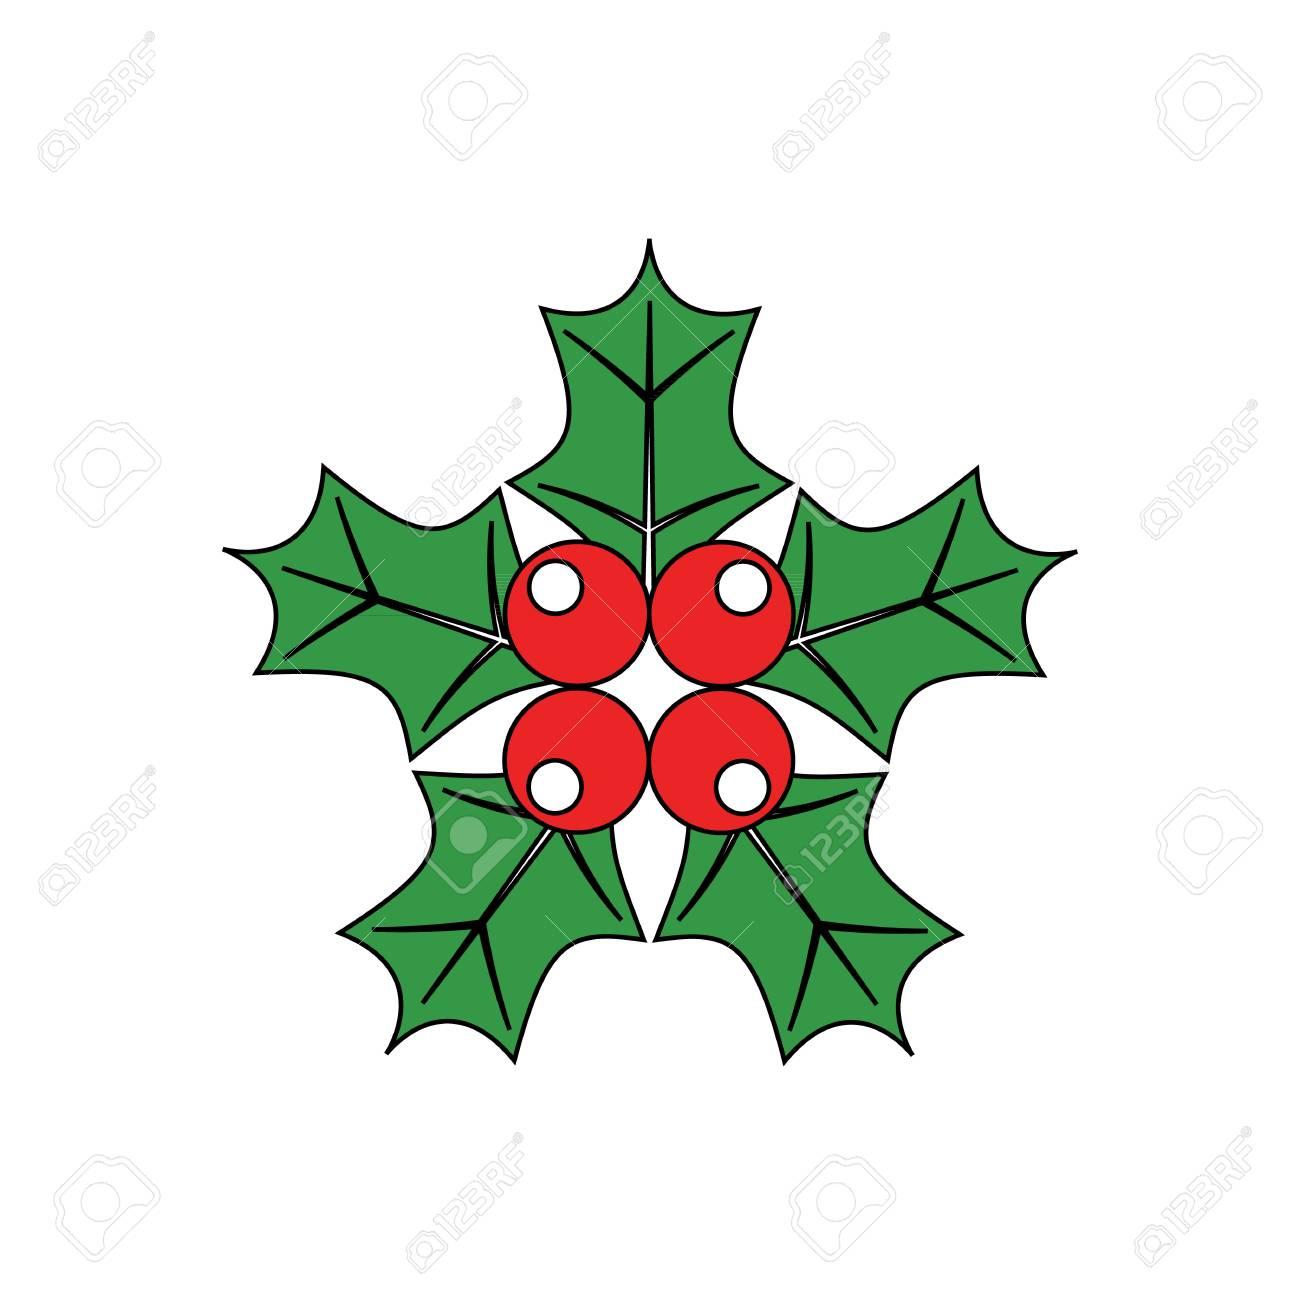 Dessin Anime Simple Gui Ornement Decoratif Rouge Et Vert Pour Noel